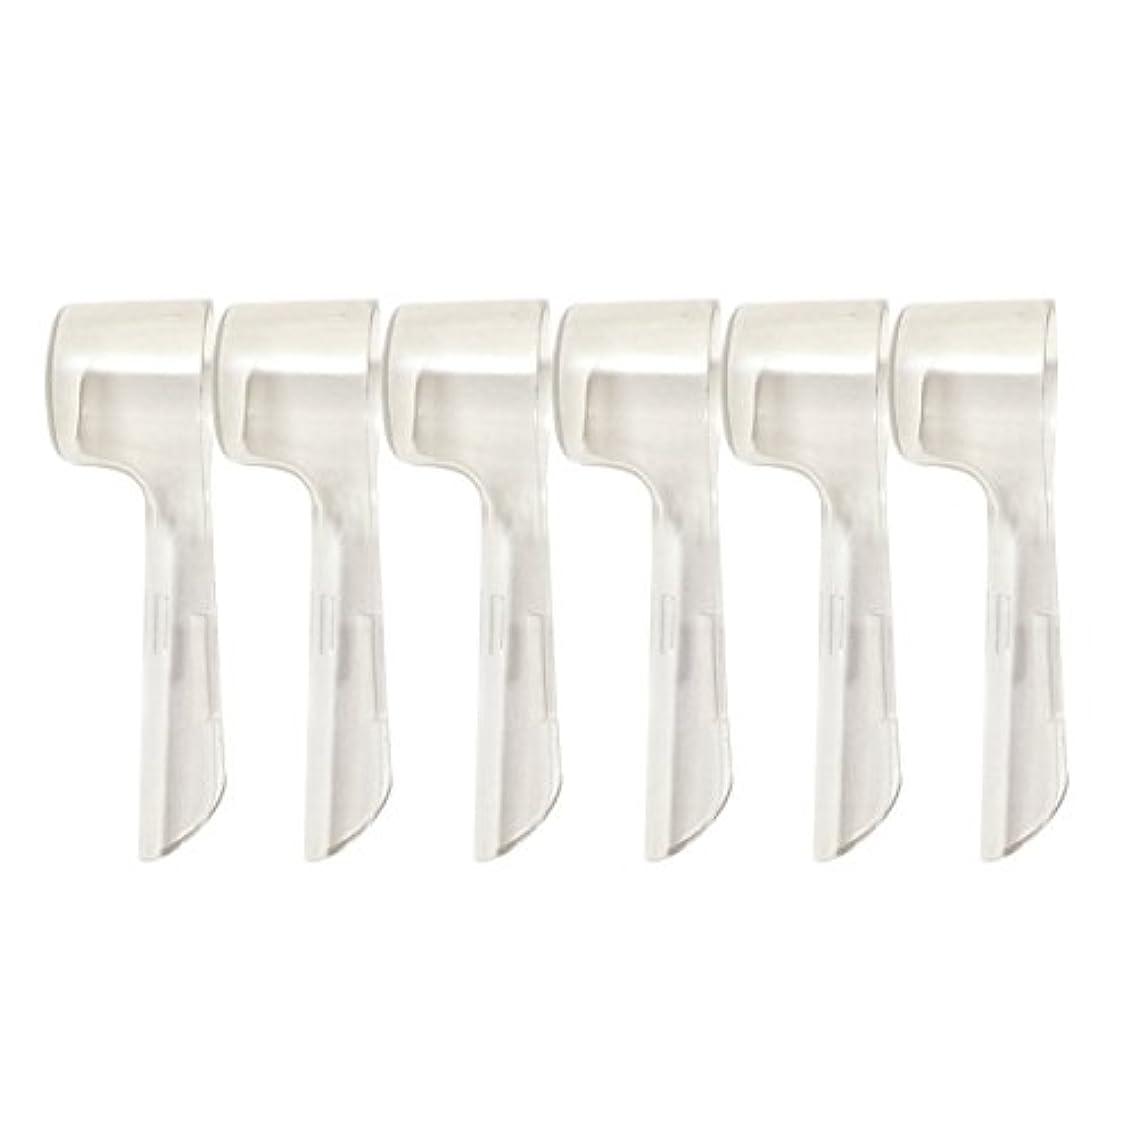 休憩チーズ最大SUPVOX 旅行のために便利な電動歯ブラシのための6本の歯ブラシヘッドカバー